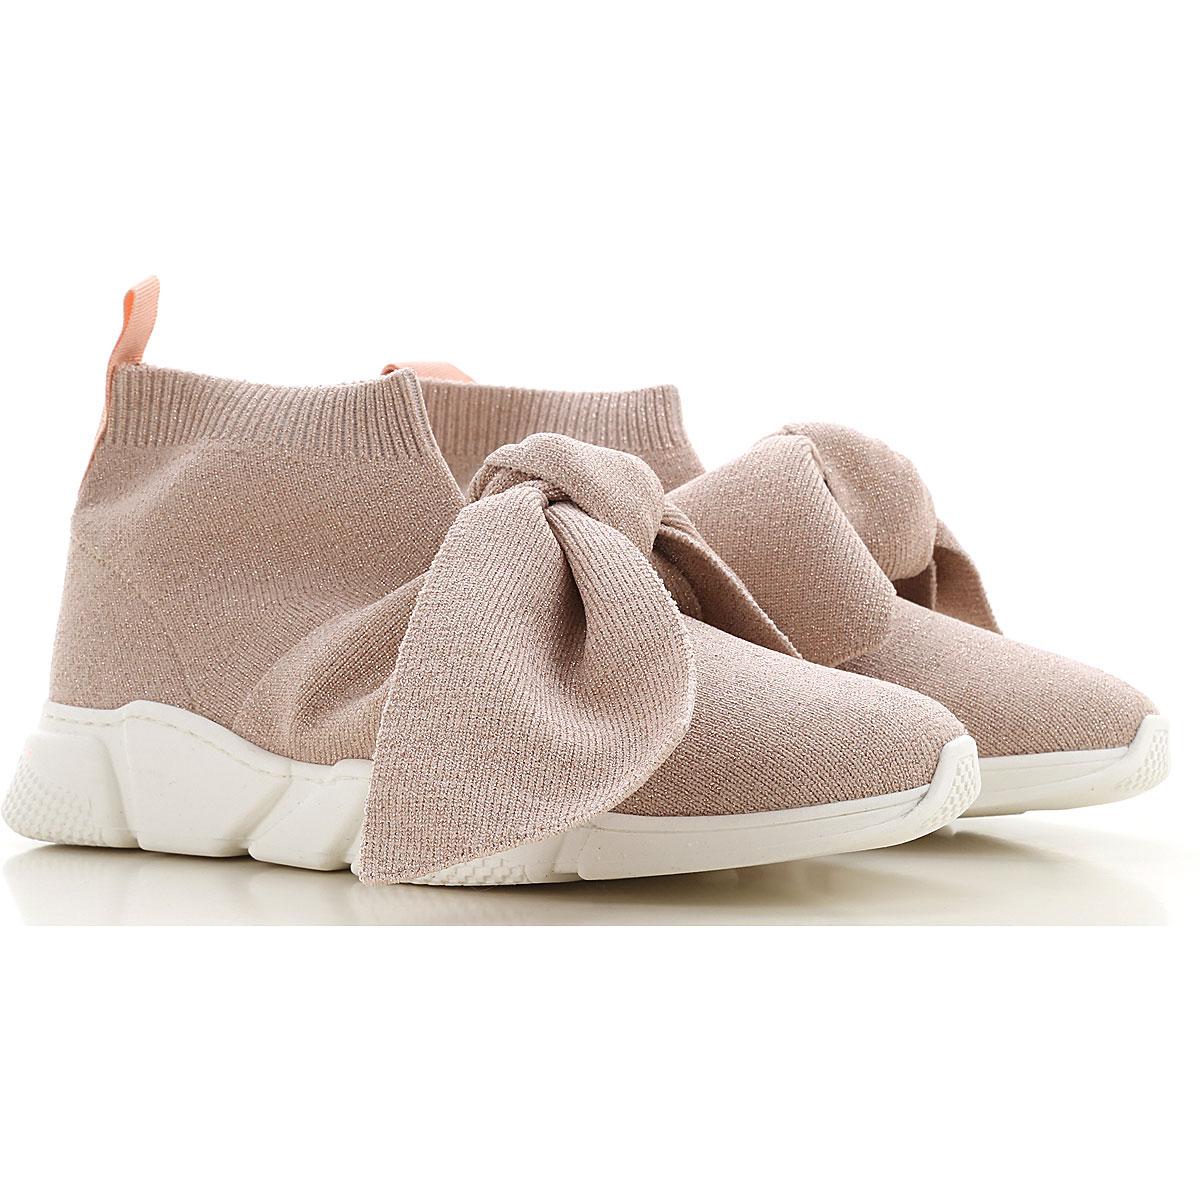 Florens Girls Clothing On Sale, Pink, lurex, 2019, 31 33 35 36